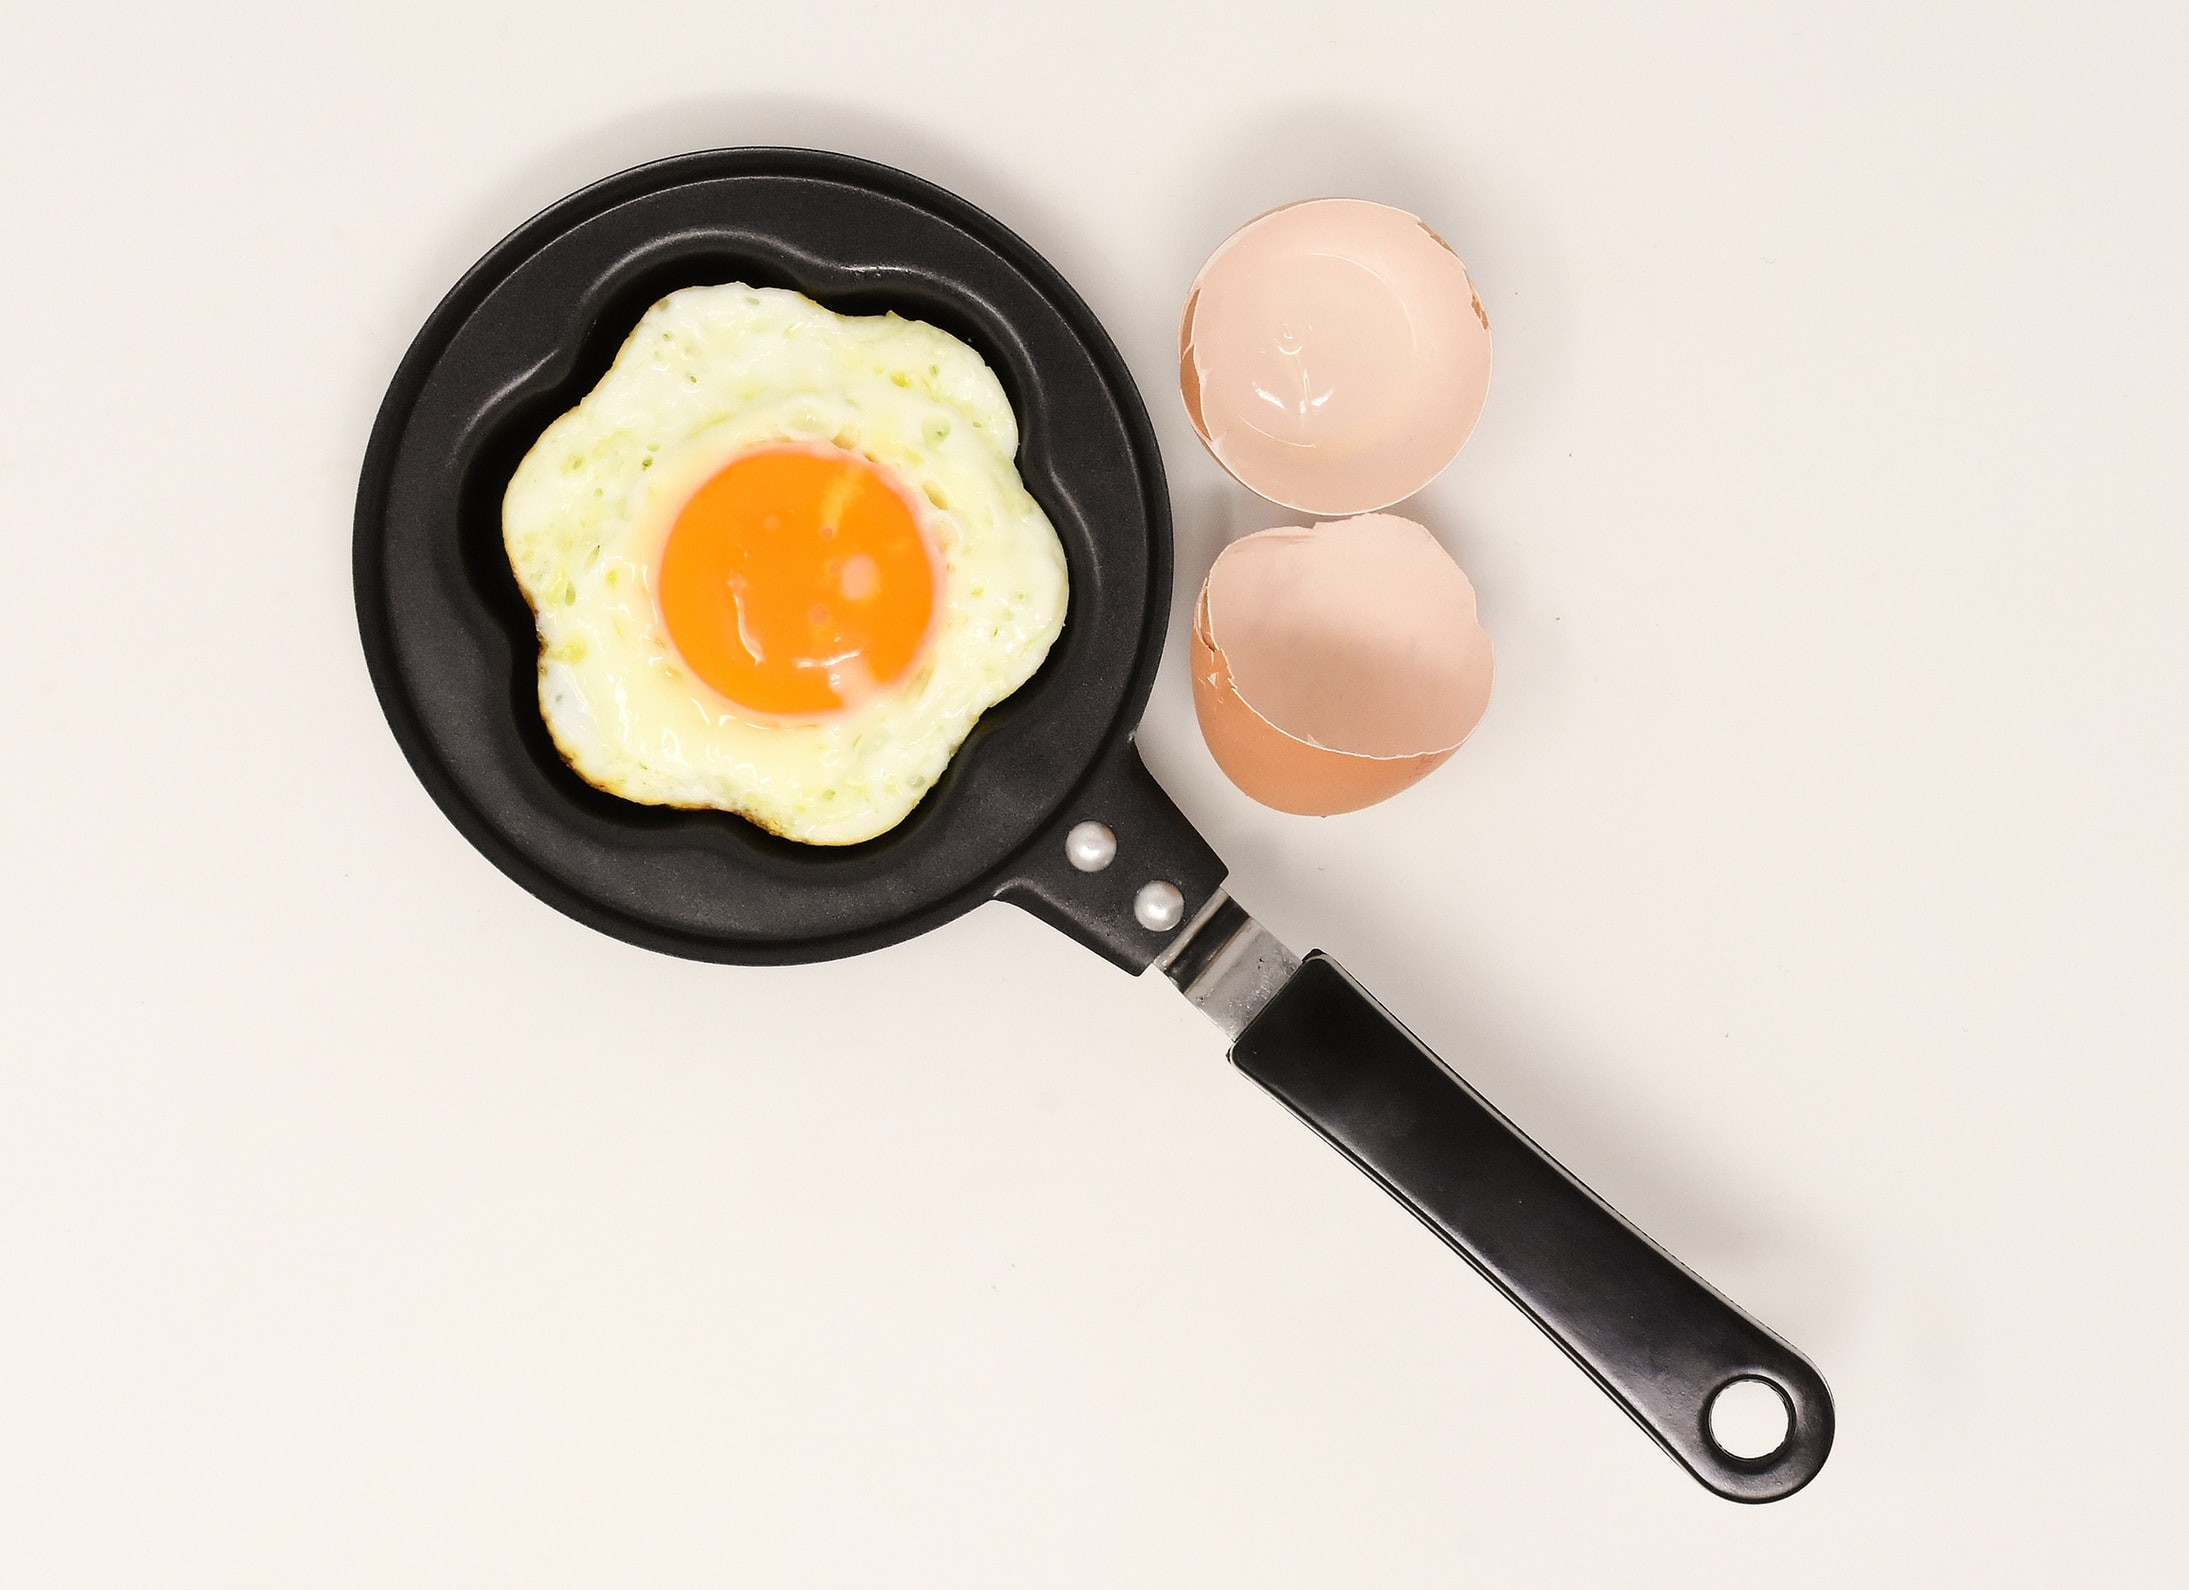 タンパク質を手軽に毎日とるには何を食べたらいいの?